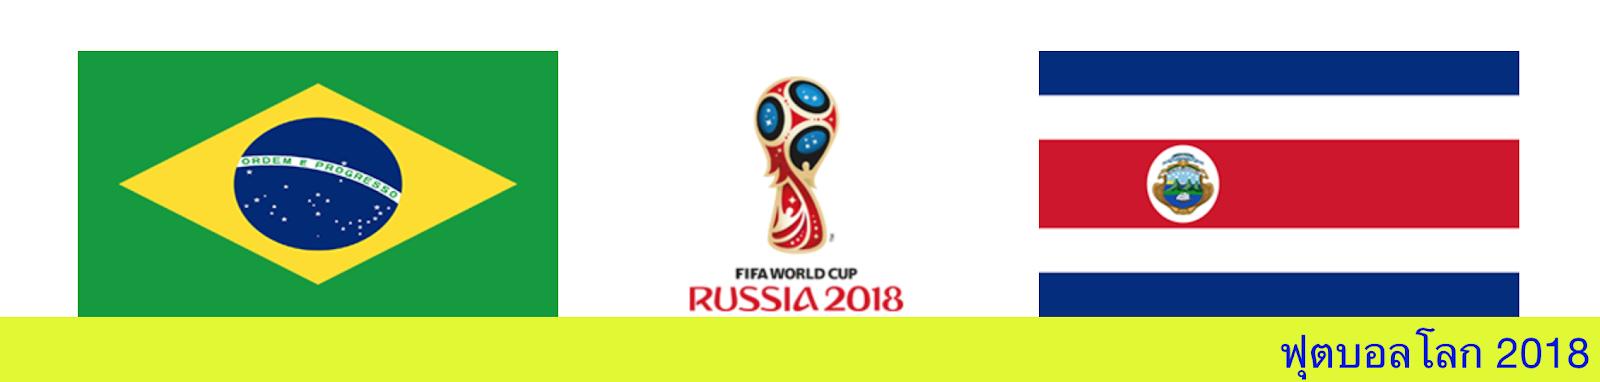 แทงบอล วิเคราะห์บอล ฟุตบอลโลก 2018 ระหว่าง บราซิล vs คอสตาริก้า